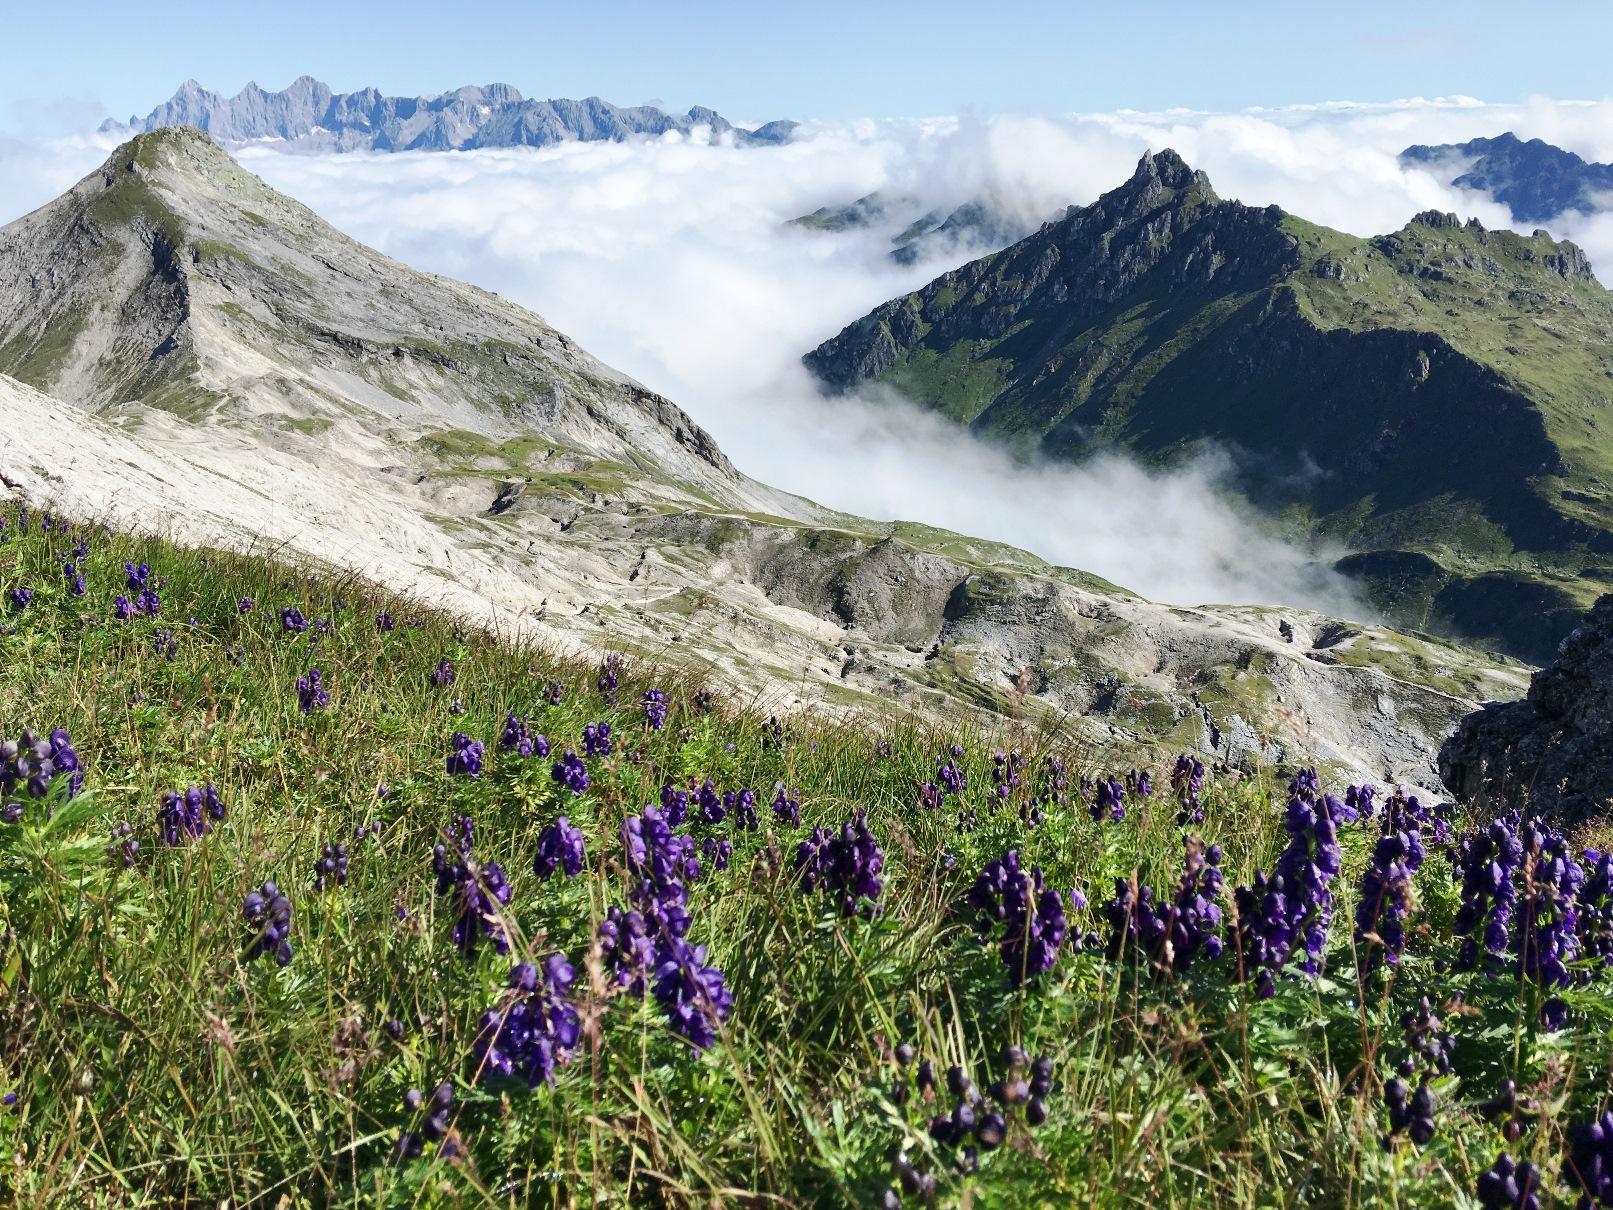 ダハシュタイン山脈を望む